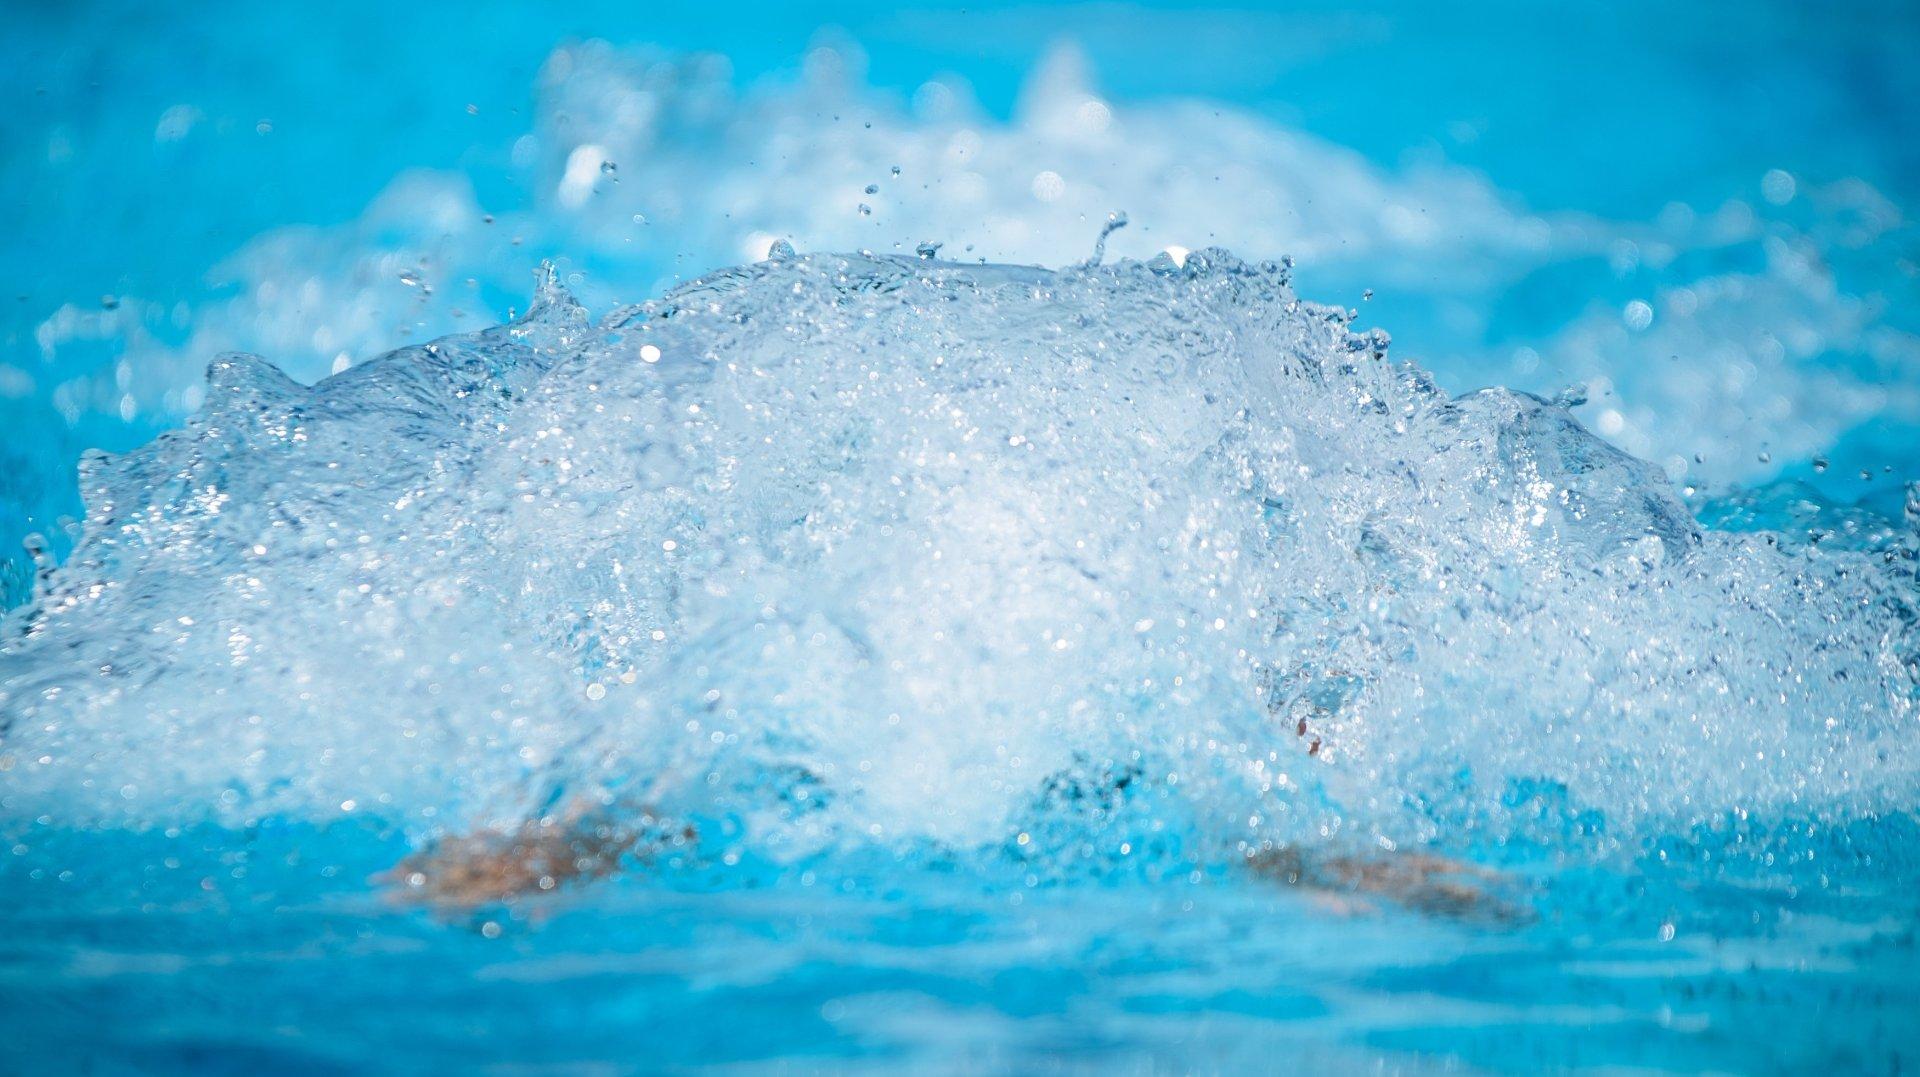 La piscine de Saint-Imier restera fermée tout l'été